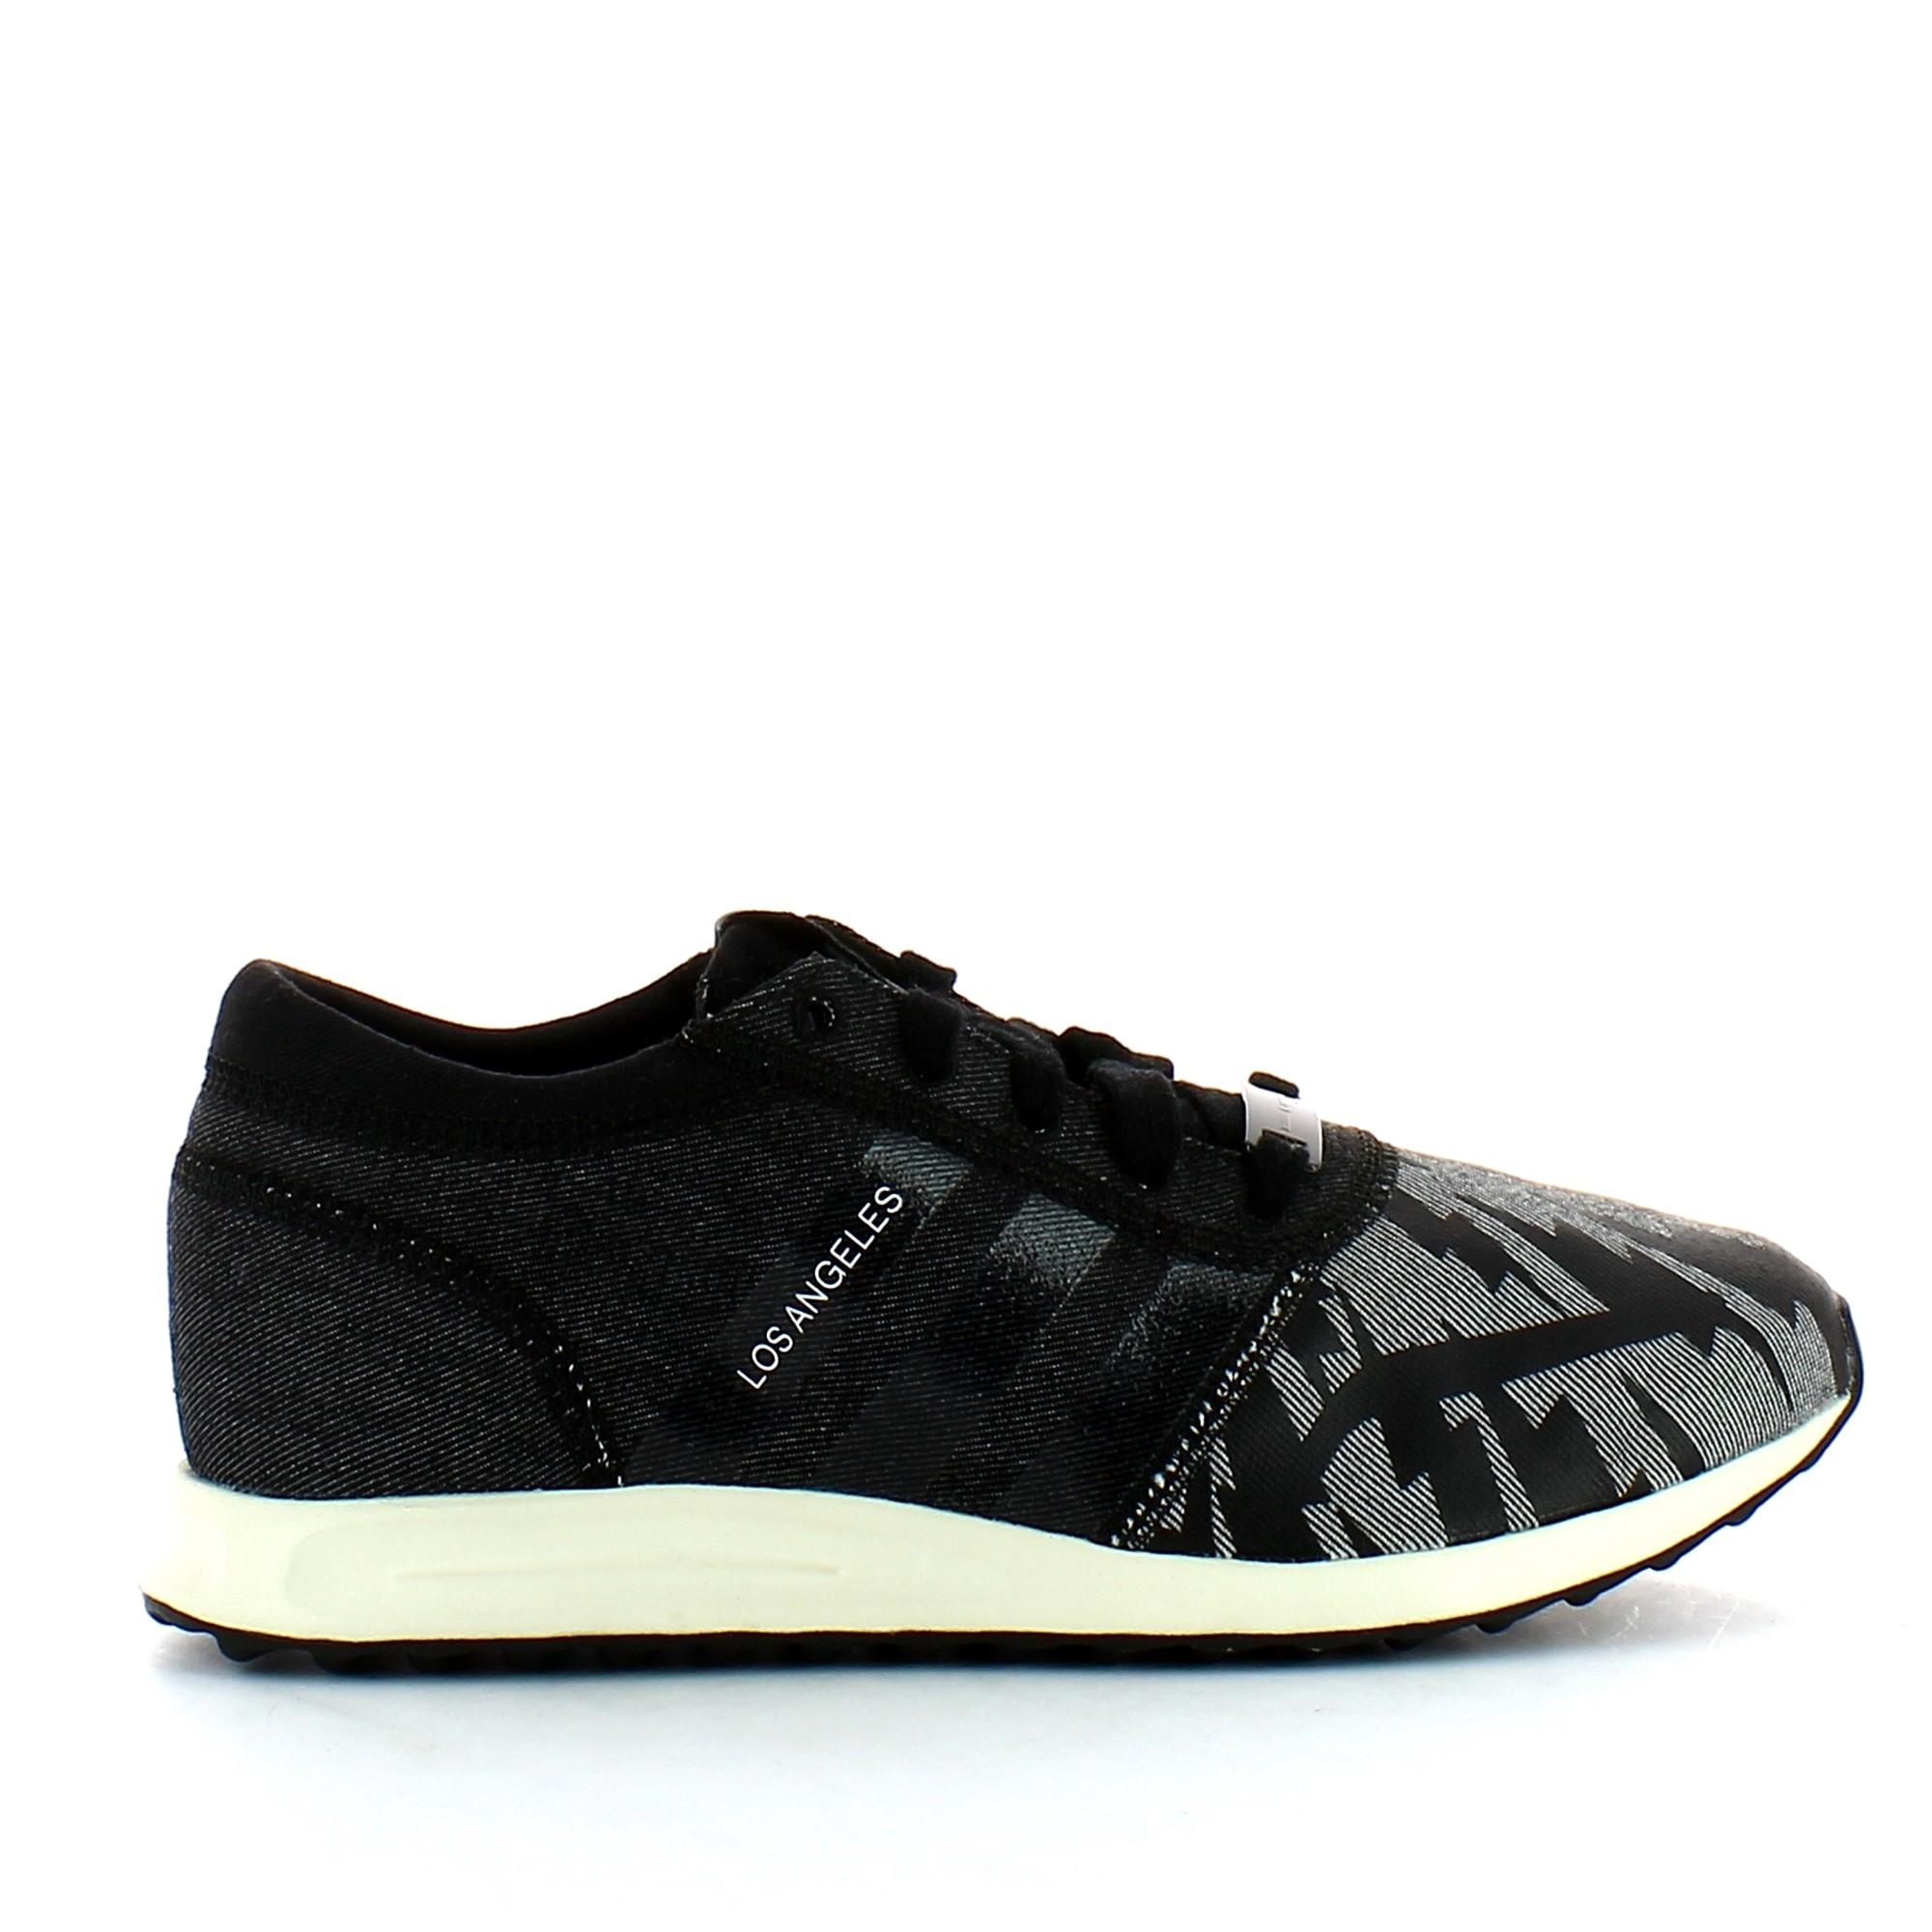 Llave Más grande compuesto  Zapatillas adidas Los Angeles negro blanca hombre - Deportes Moya